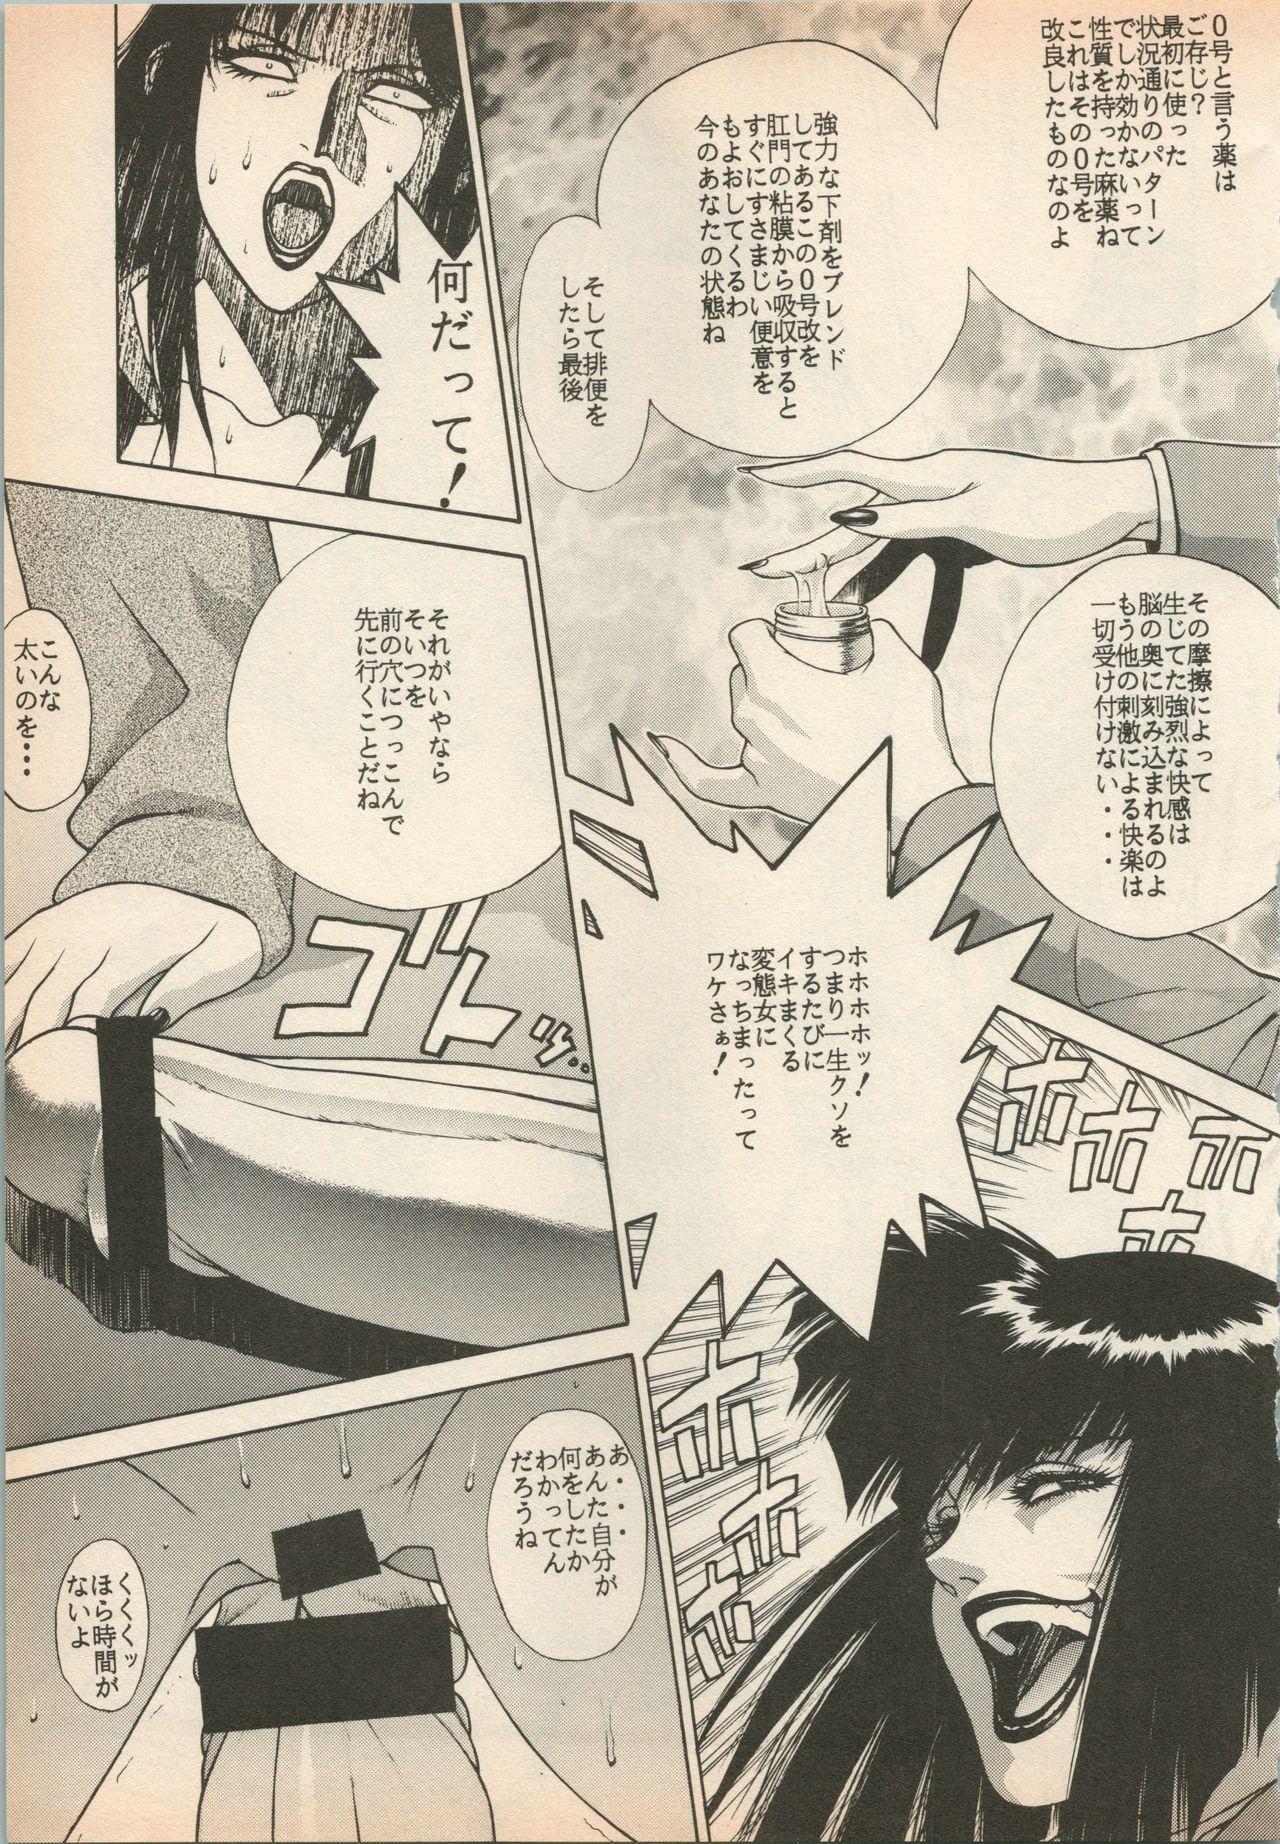 Shin Bishoujo Shoukougun 5 Fukkatsu hen 153